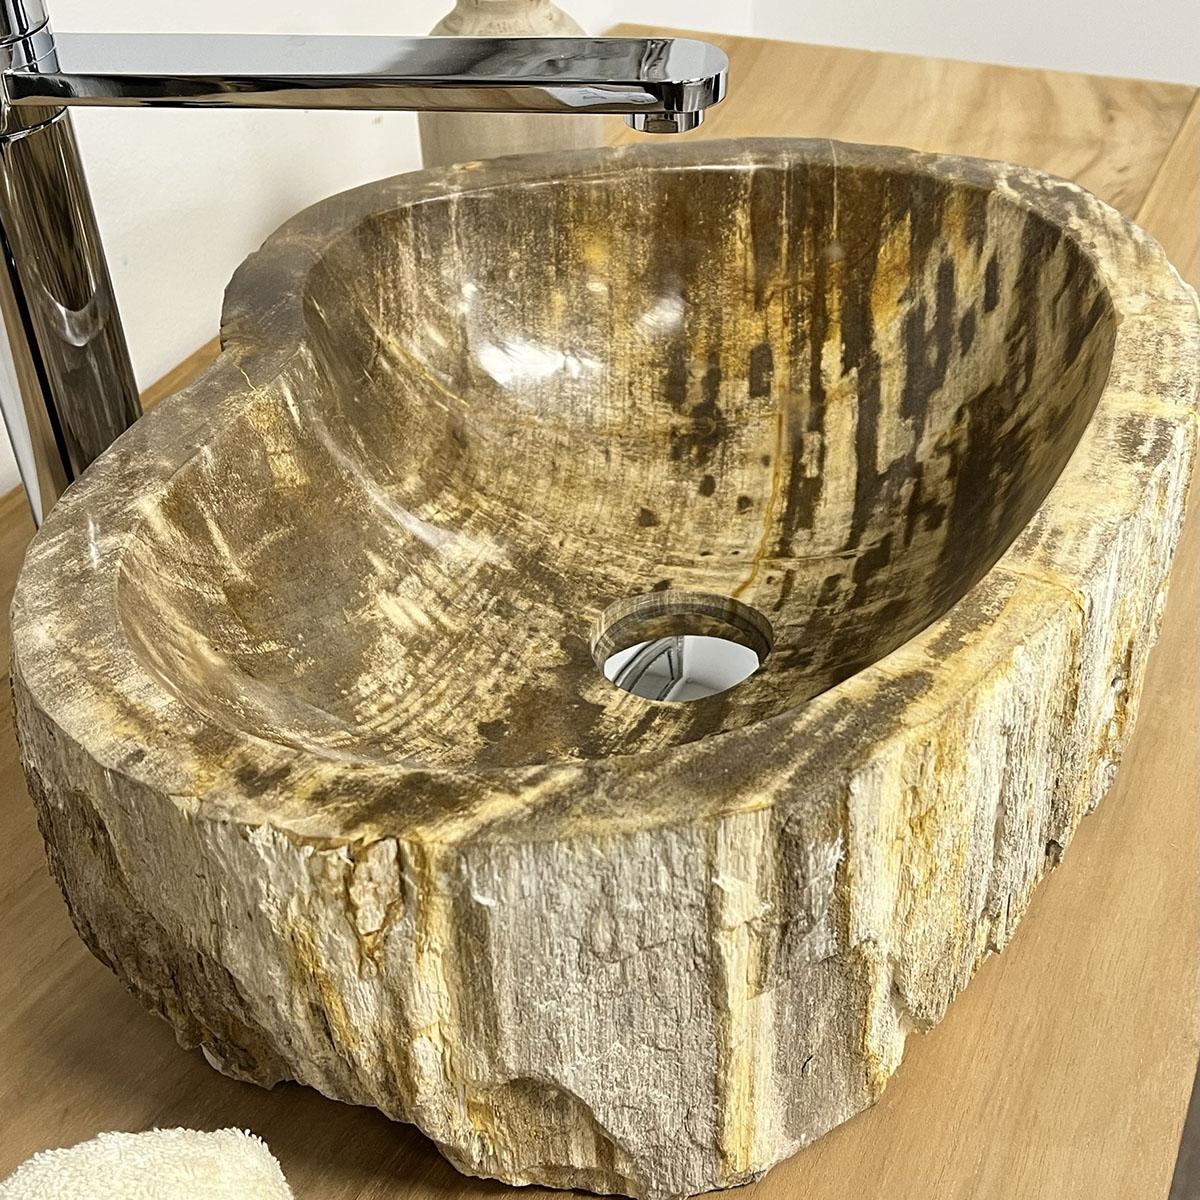 Lavabo lavabo encimera madera petrificada fosilizada - Bano de madera ...